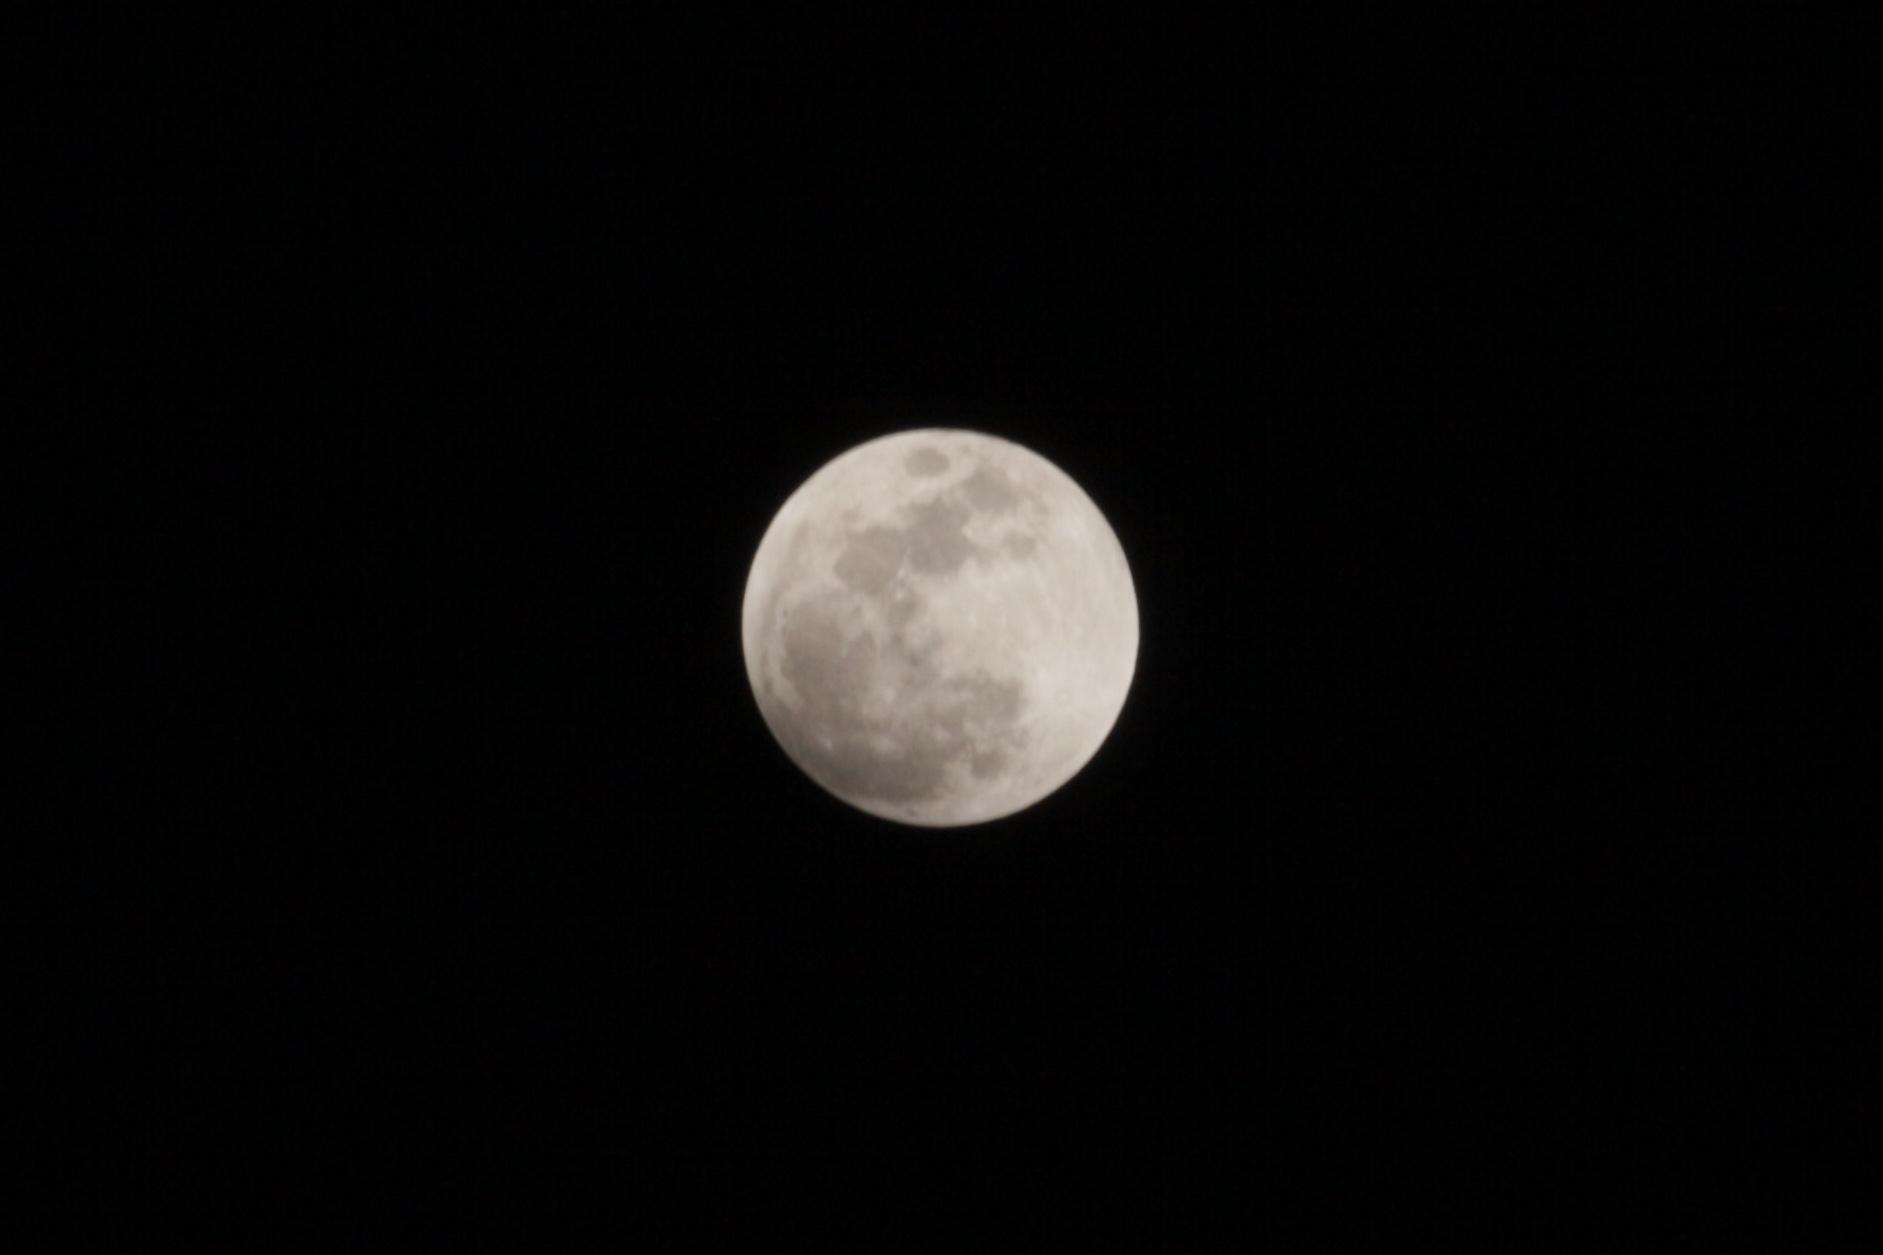 皆既月蝕でしたね。